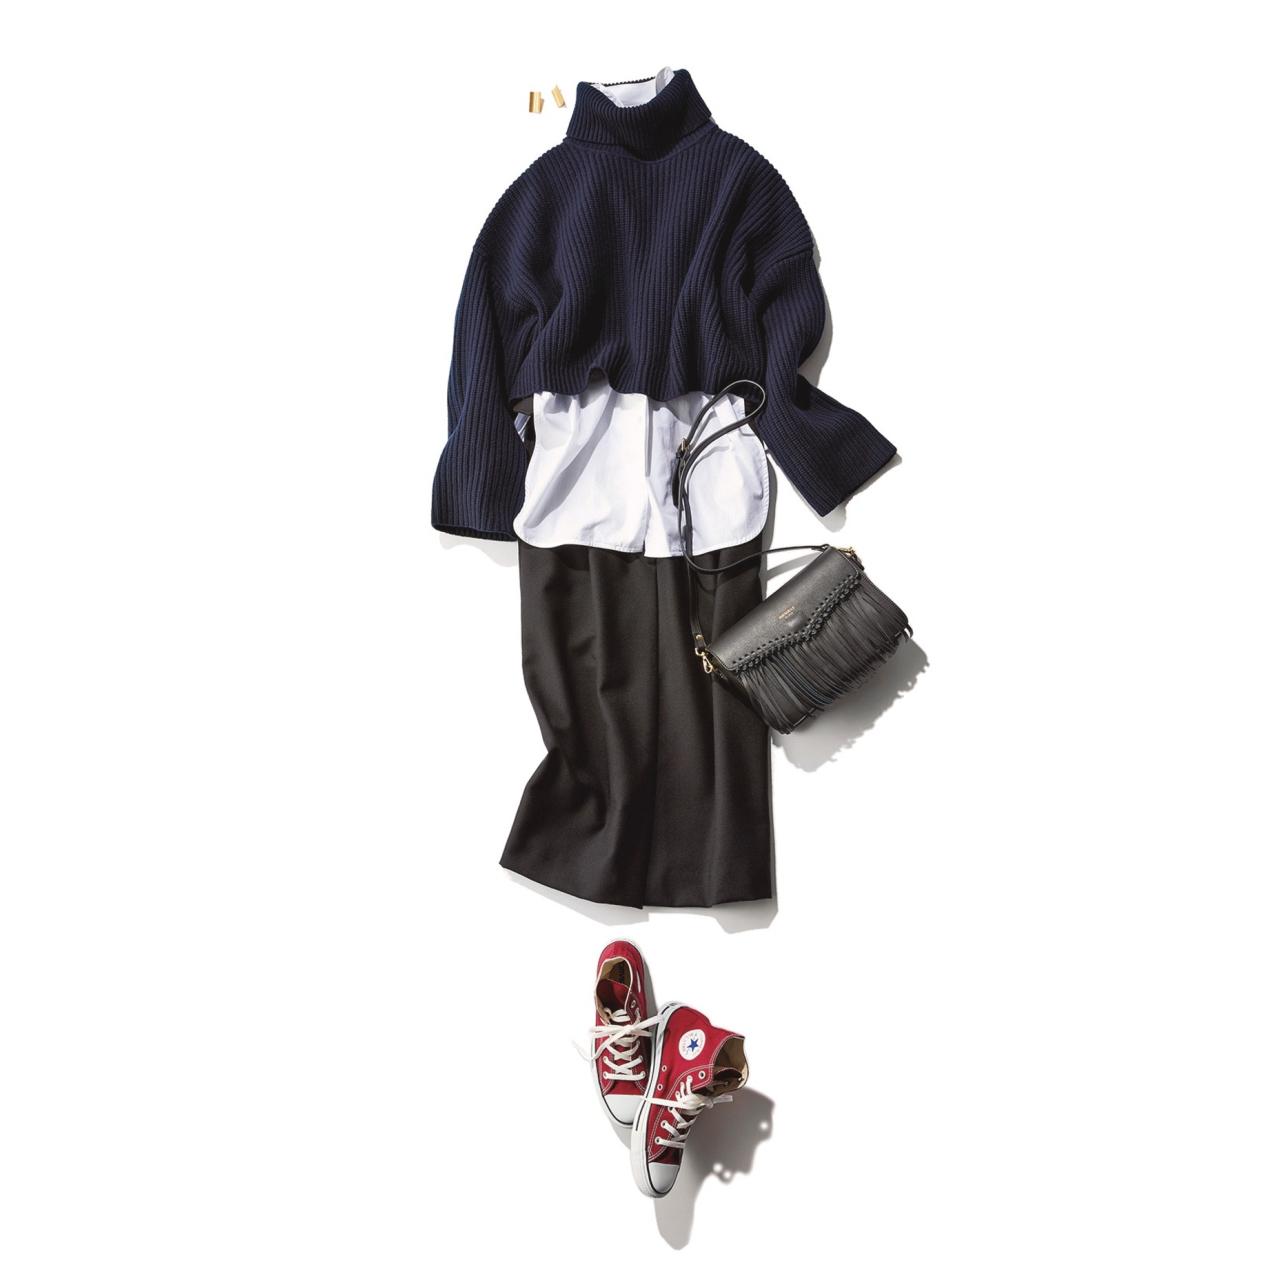 ファッション ネイビーのショートニット×黒スカートコーデ